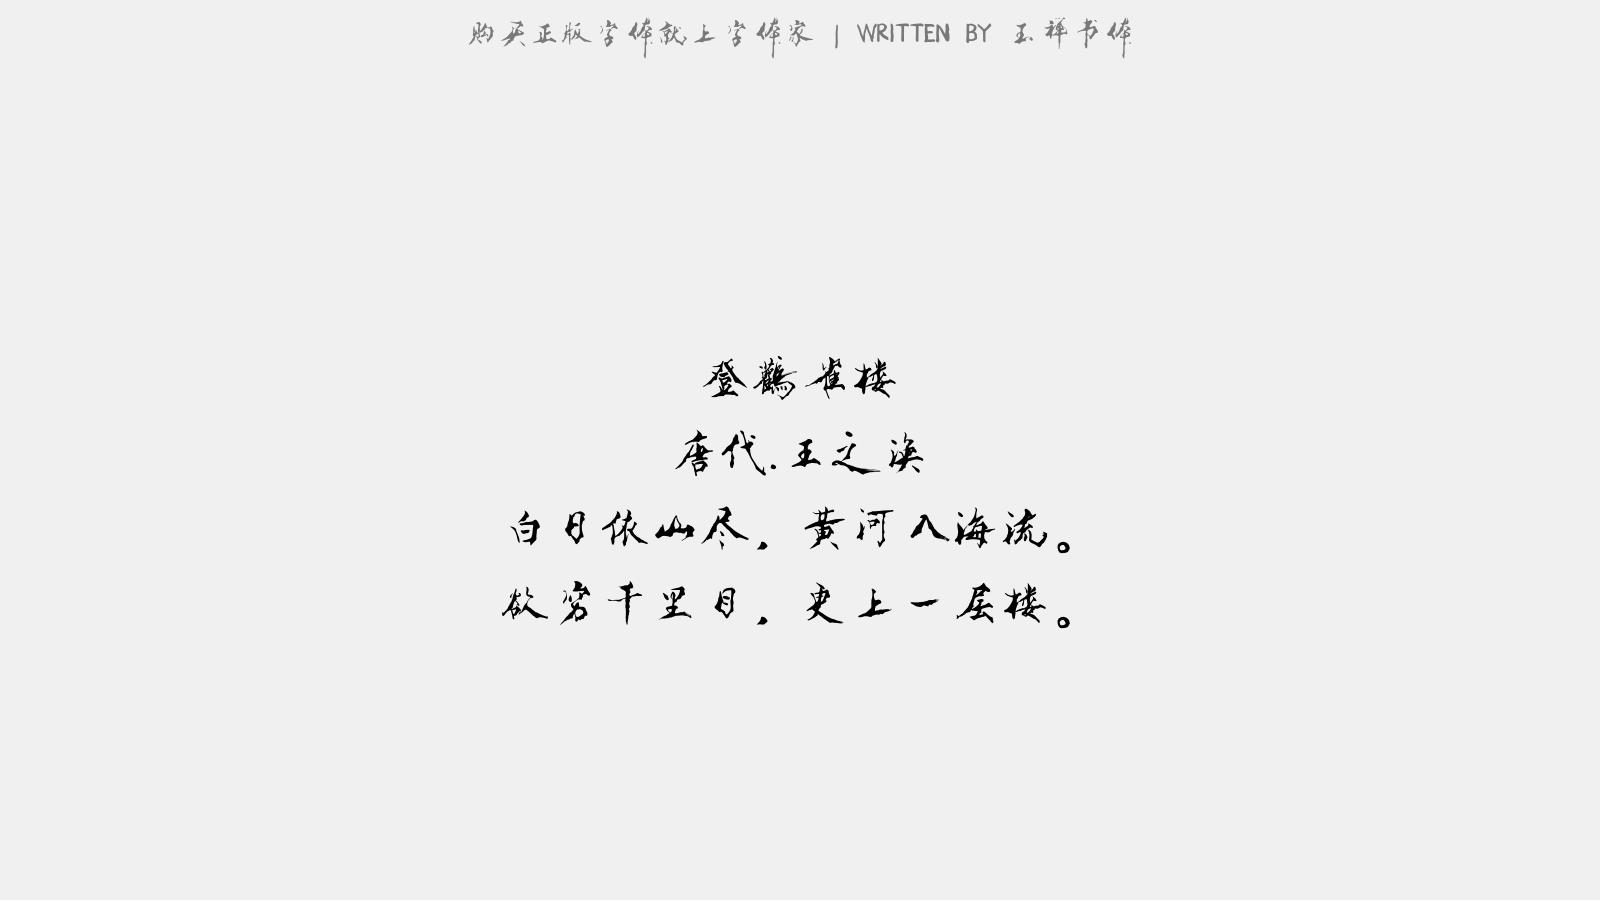 玉禪書體 - 登鸛雀樓